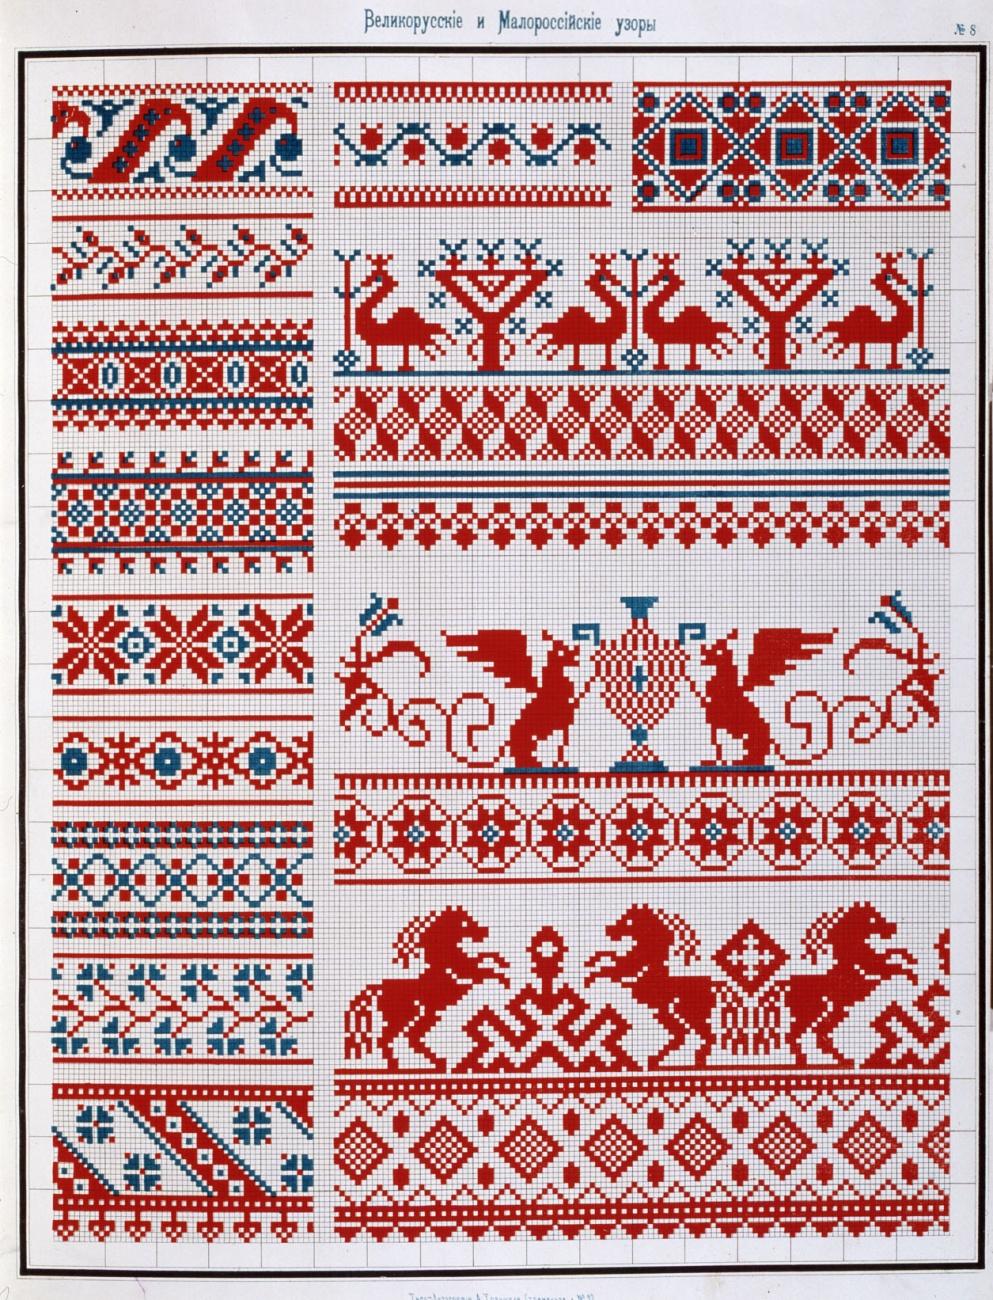 Славянская обережная вышивка - Конь